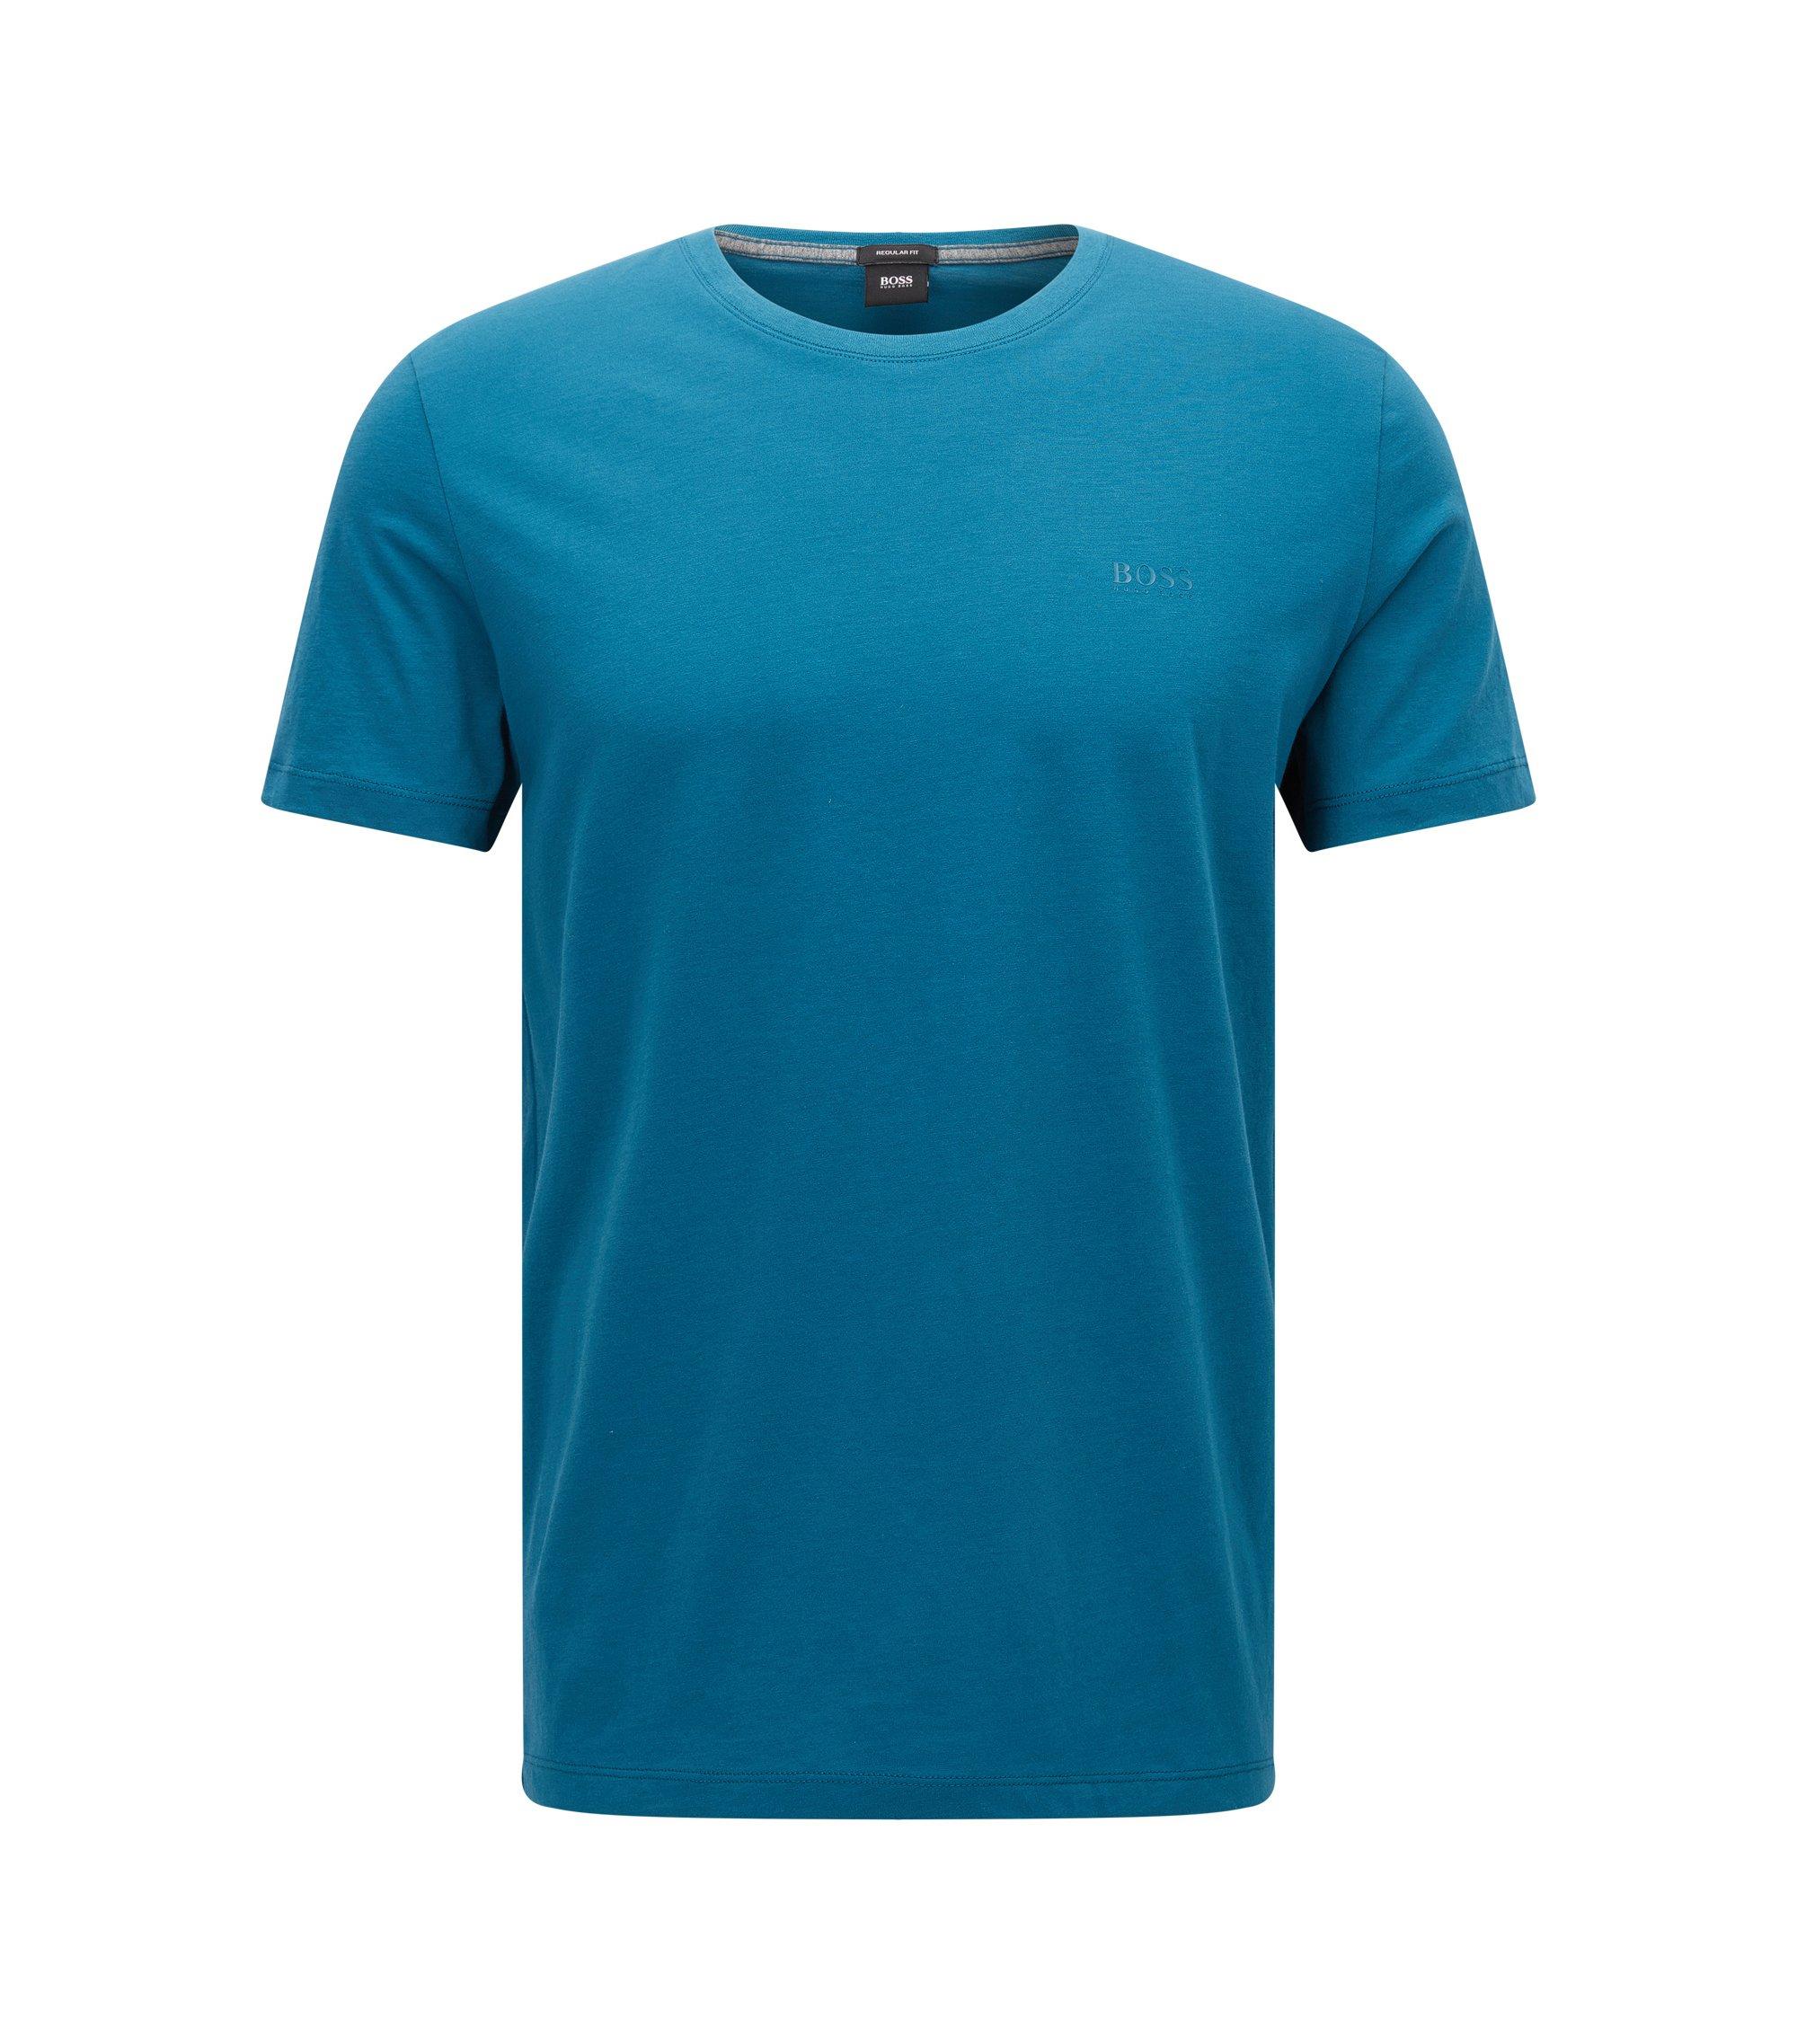 Regular-Fit T-Shirt aus weicher Baumwolle, Türkis